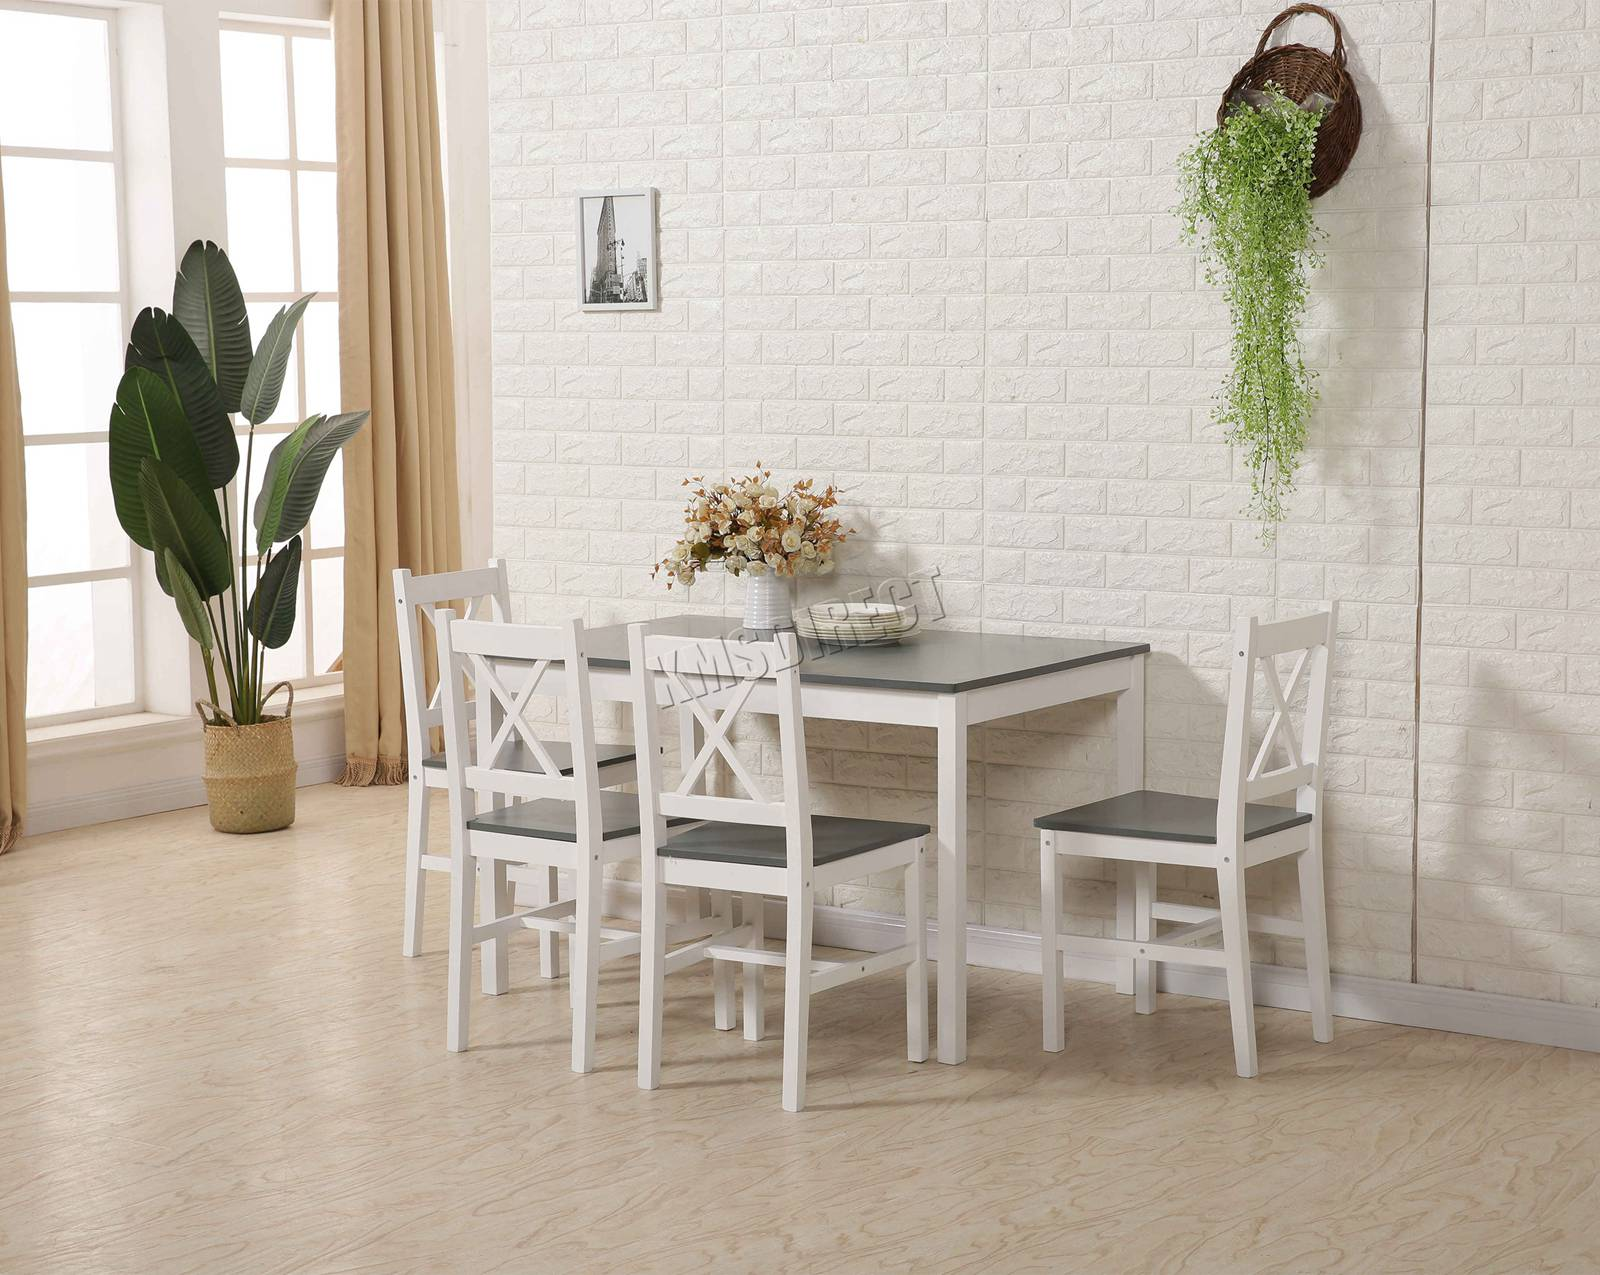 33501c6f6 CENTINELA WestWood calidad Mesa de comedor madera maciza y 4 sillas juego  de cocina casa DS03